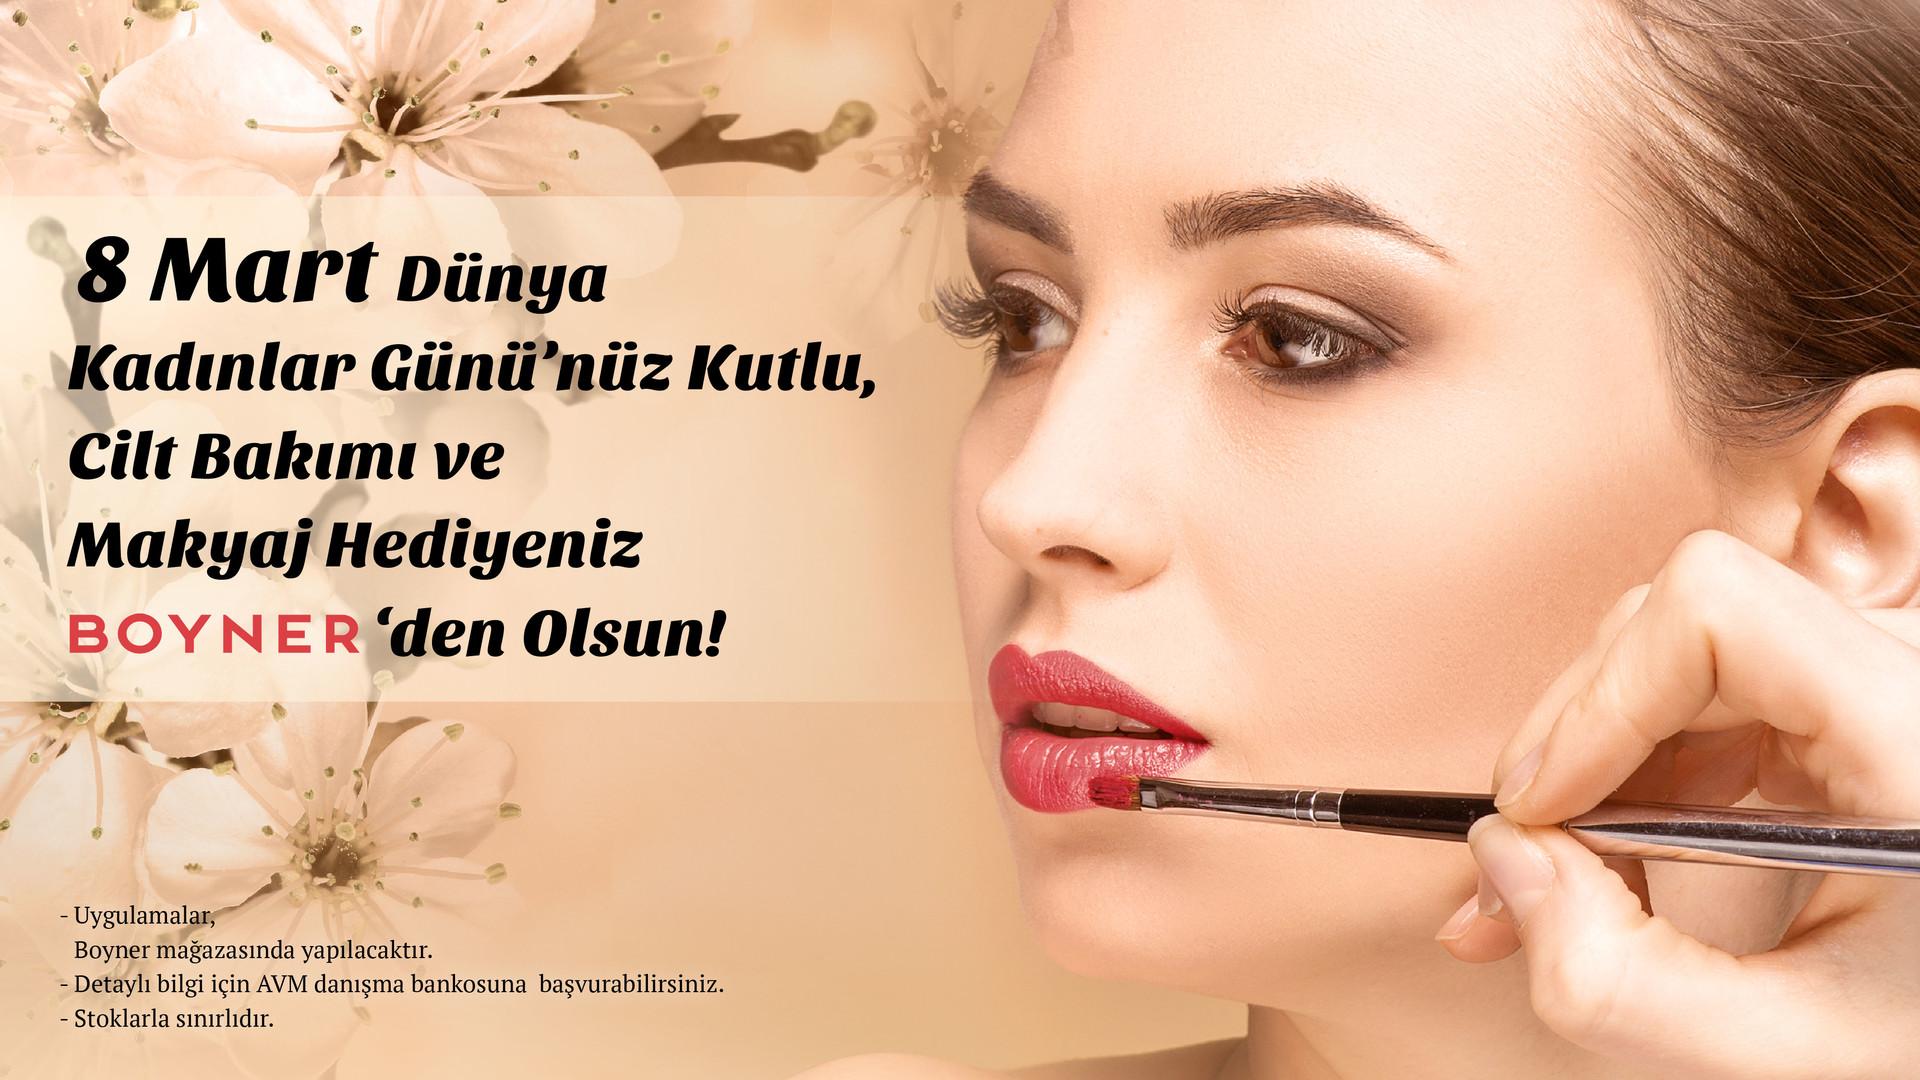 8 Mart Dünya Kadınlar Günü'nüz Kutlu, Cilt Bakımı ve Makyaj Hediyeniz Boyner'den Olsun!